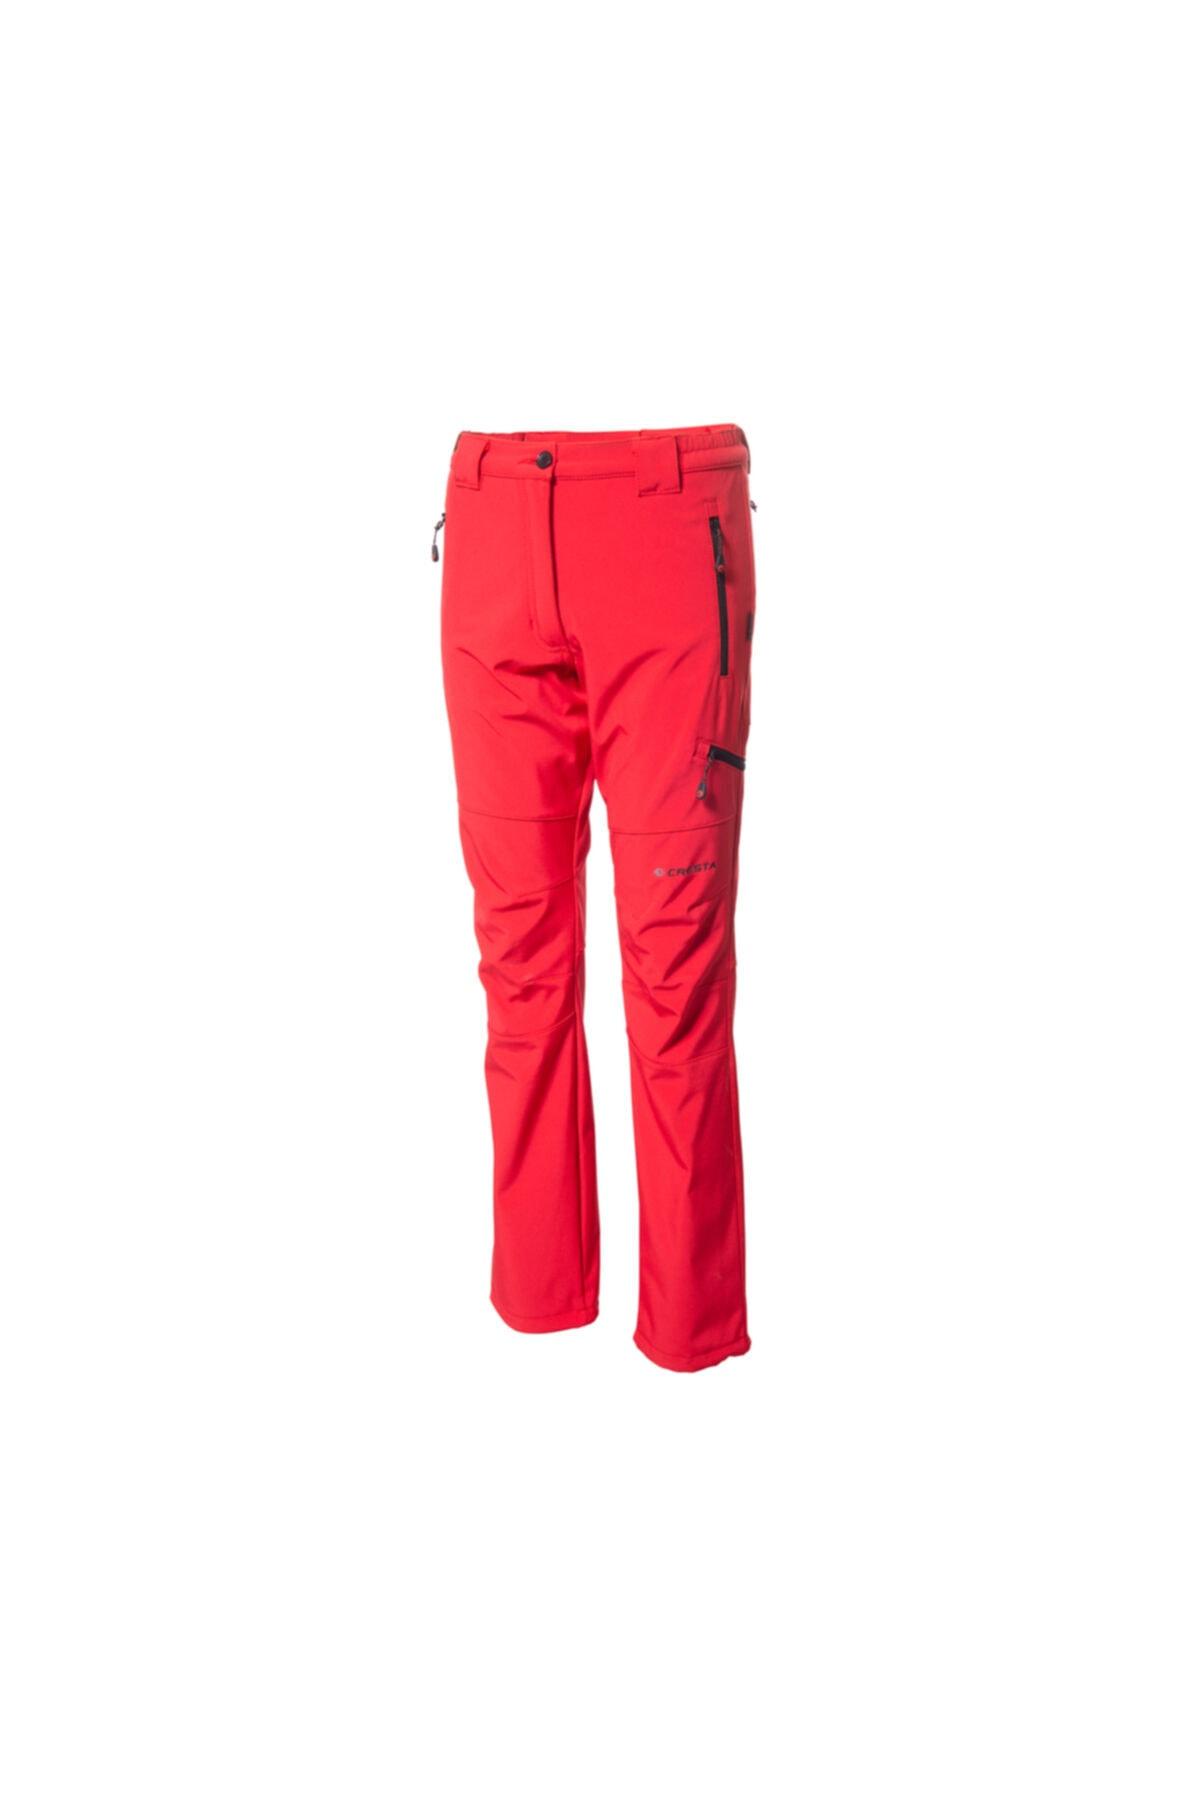 Cresta Outdoor Kadın Softshell Pantolon 1